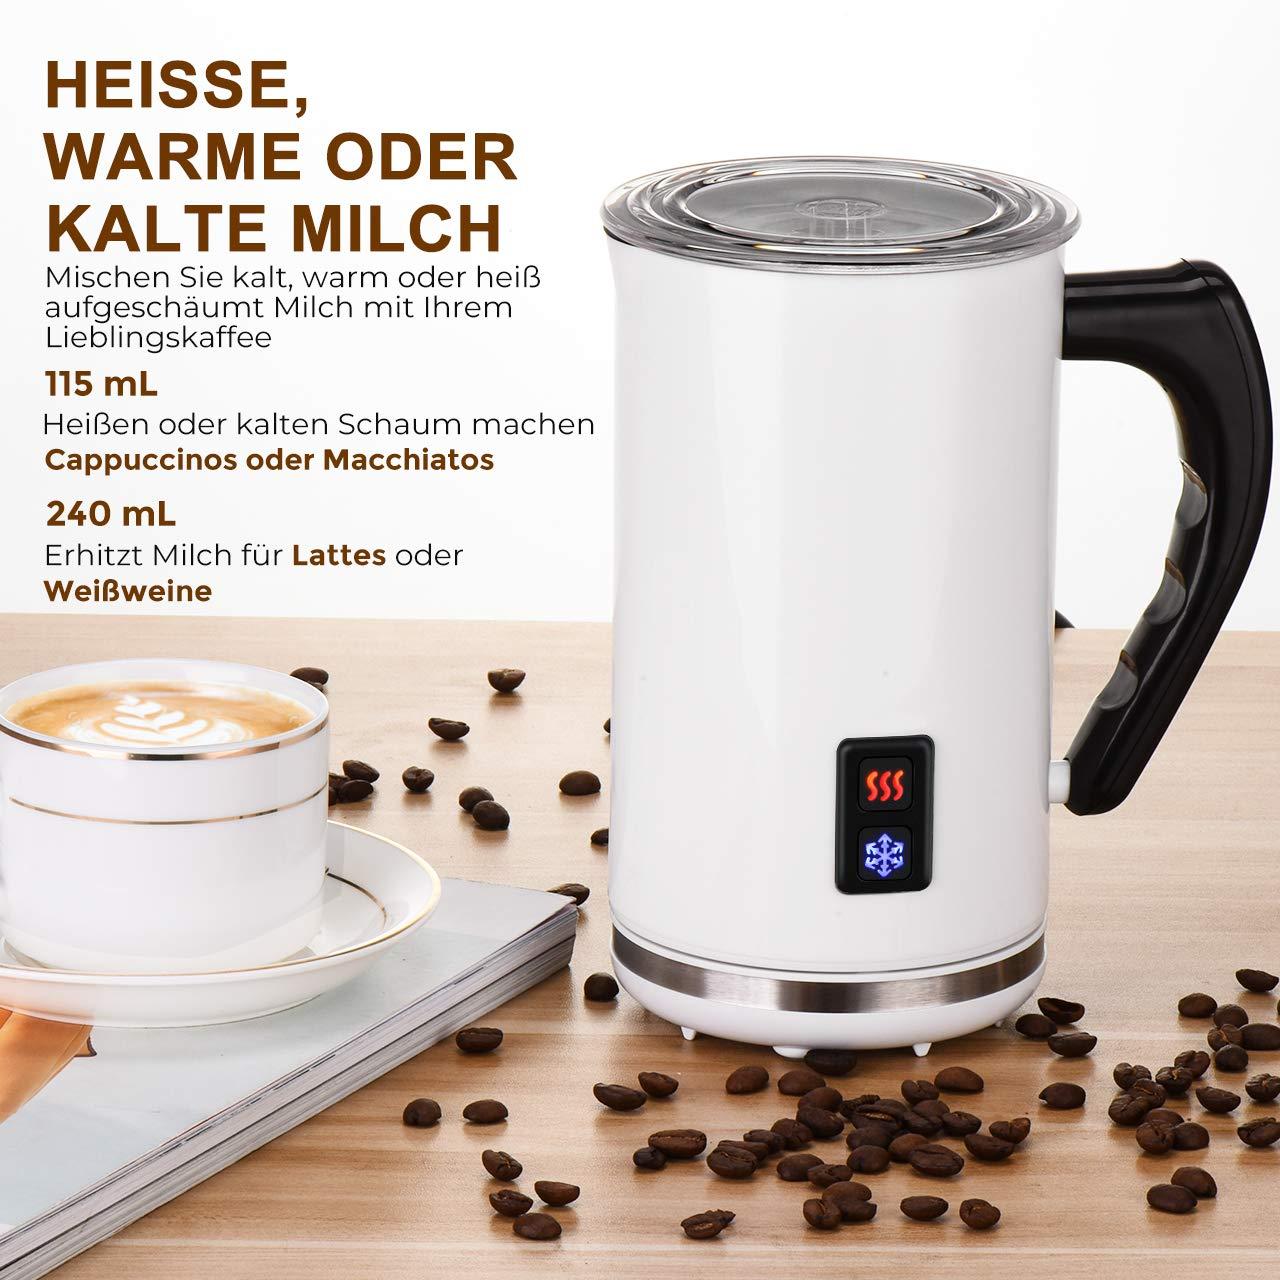 Milch erw/ärmen 2 Schneebesen Erhitzen- Wei/ß 500W automatische Milchsch/äumer f/ür Kaffee Homitt Milchaufsch/äumer Milchaufsch/äumer elektrisch Milch warm und kalt aufsch/äumen